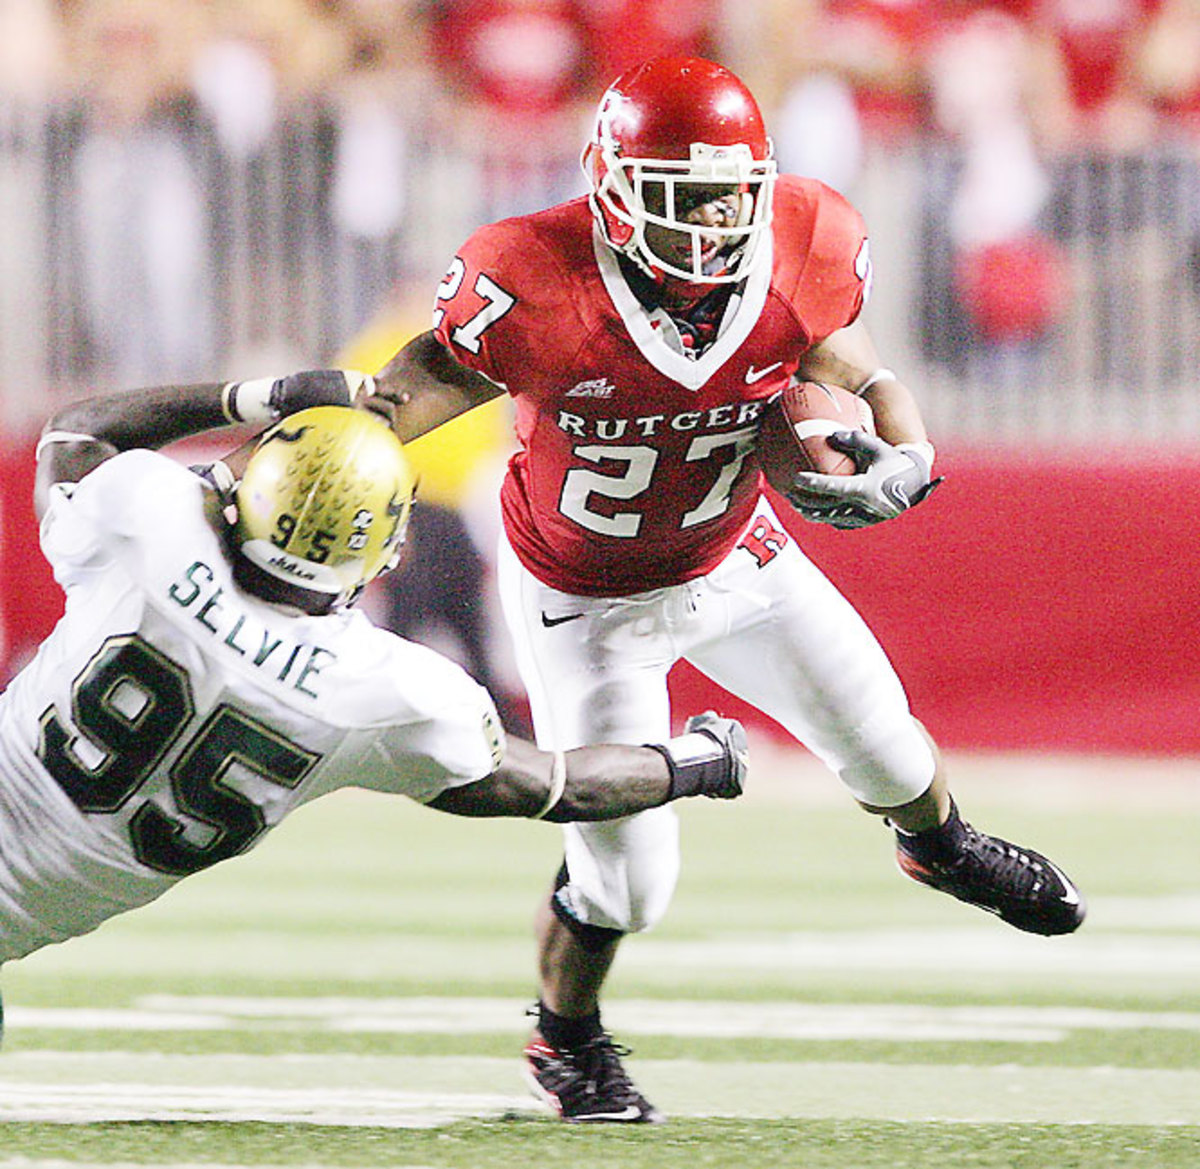 Rutgers 30, No. 2 South Florida 27